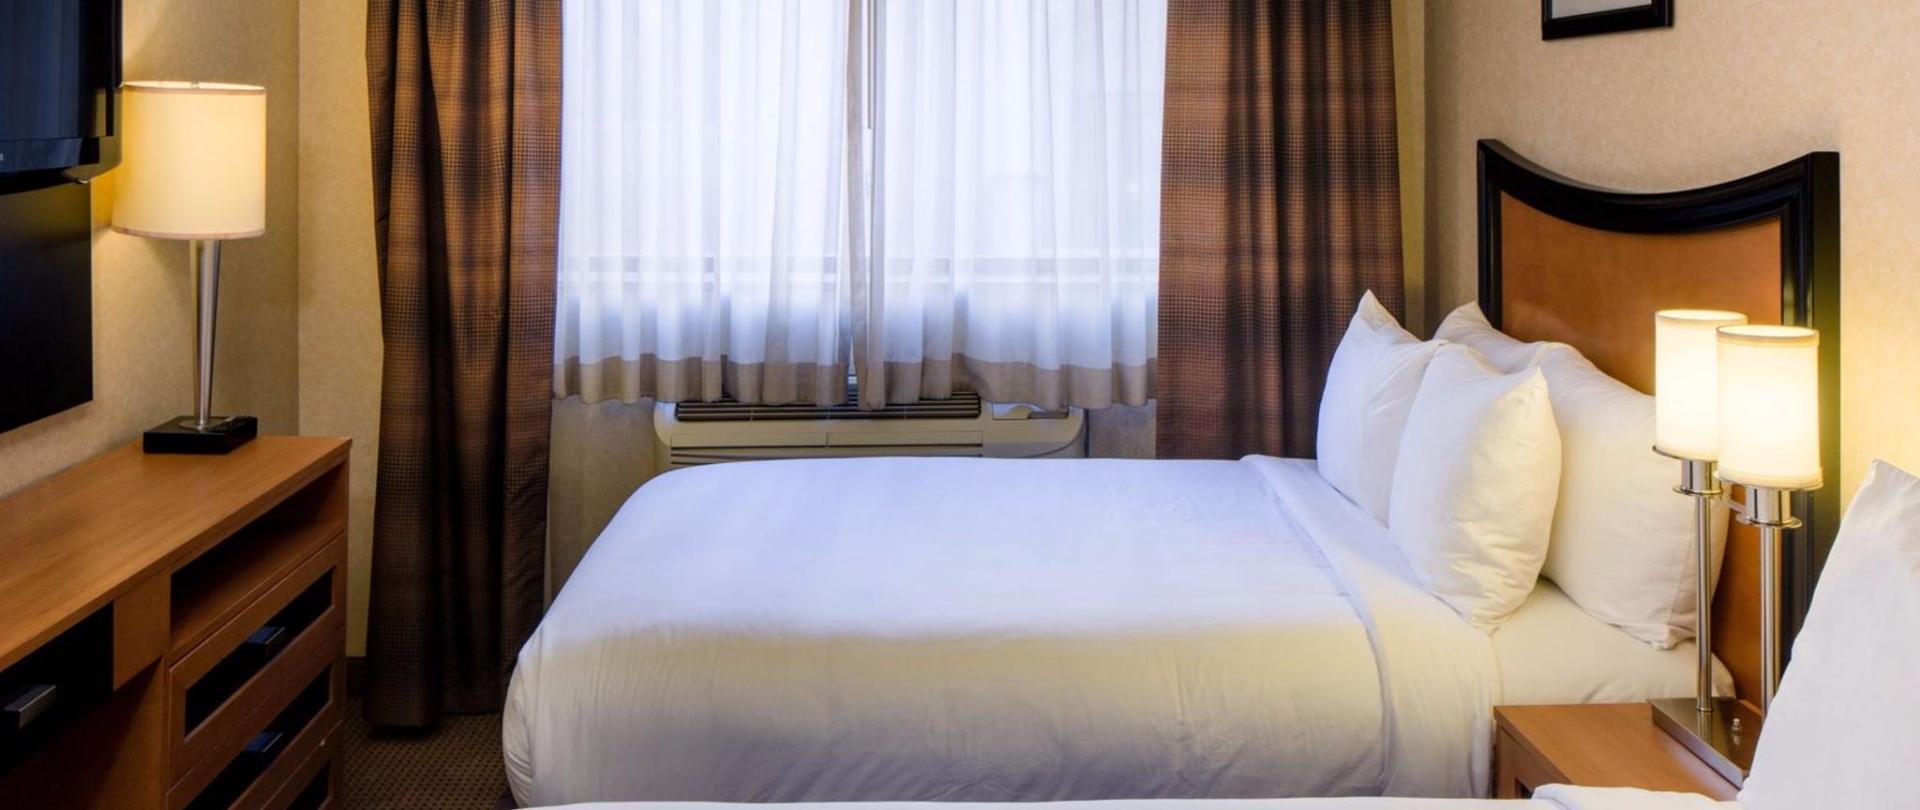 Ξενοδοχείο Redford